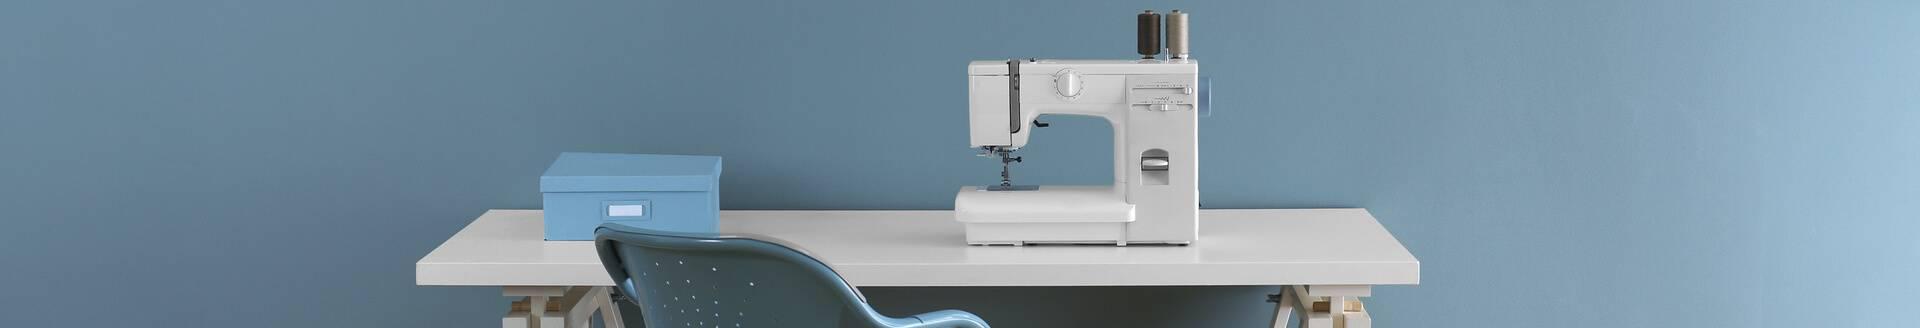 Venta de máquinas de coser y bordadoras, domésticas e industriales